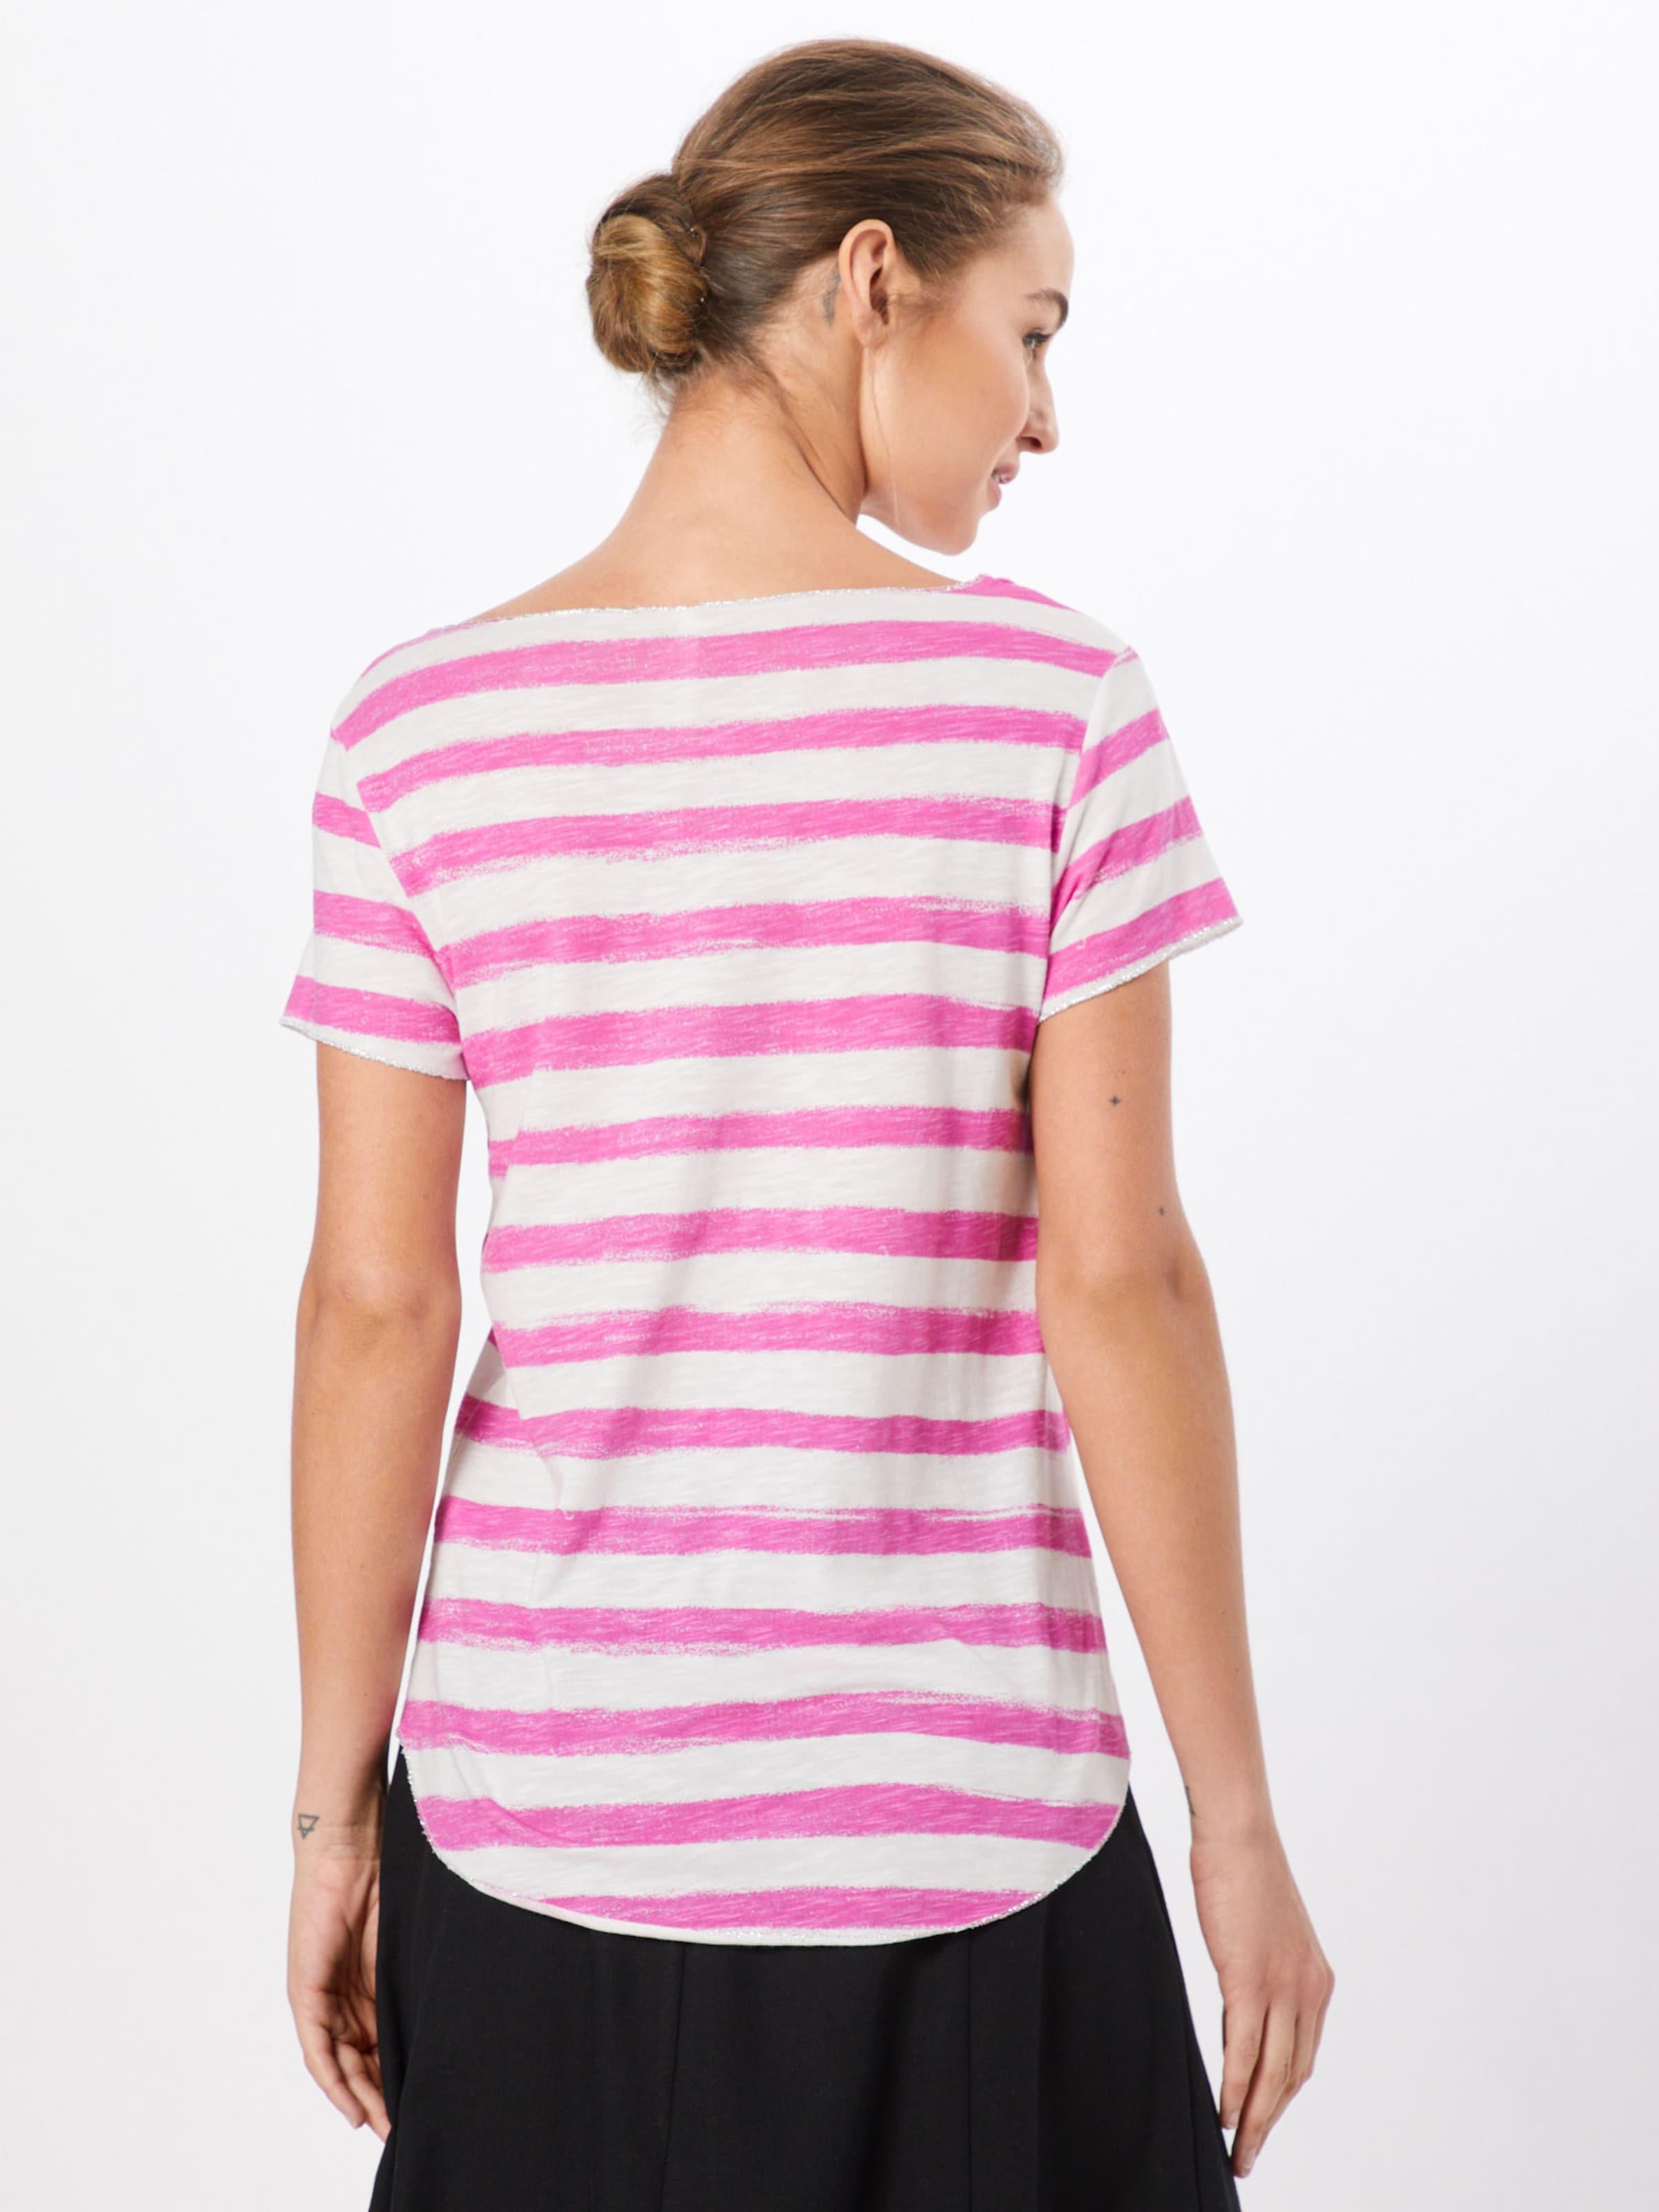 T BeigeMenthe Key Rose Largo shirt En g6yvYf7b